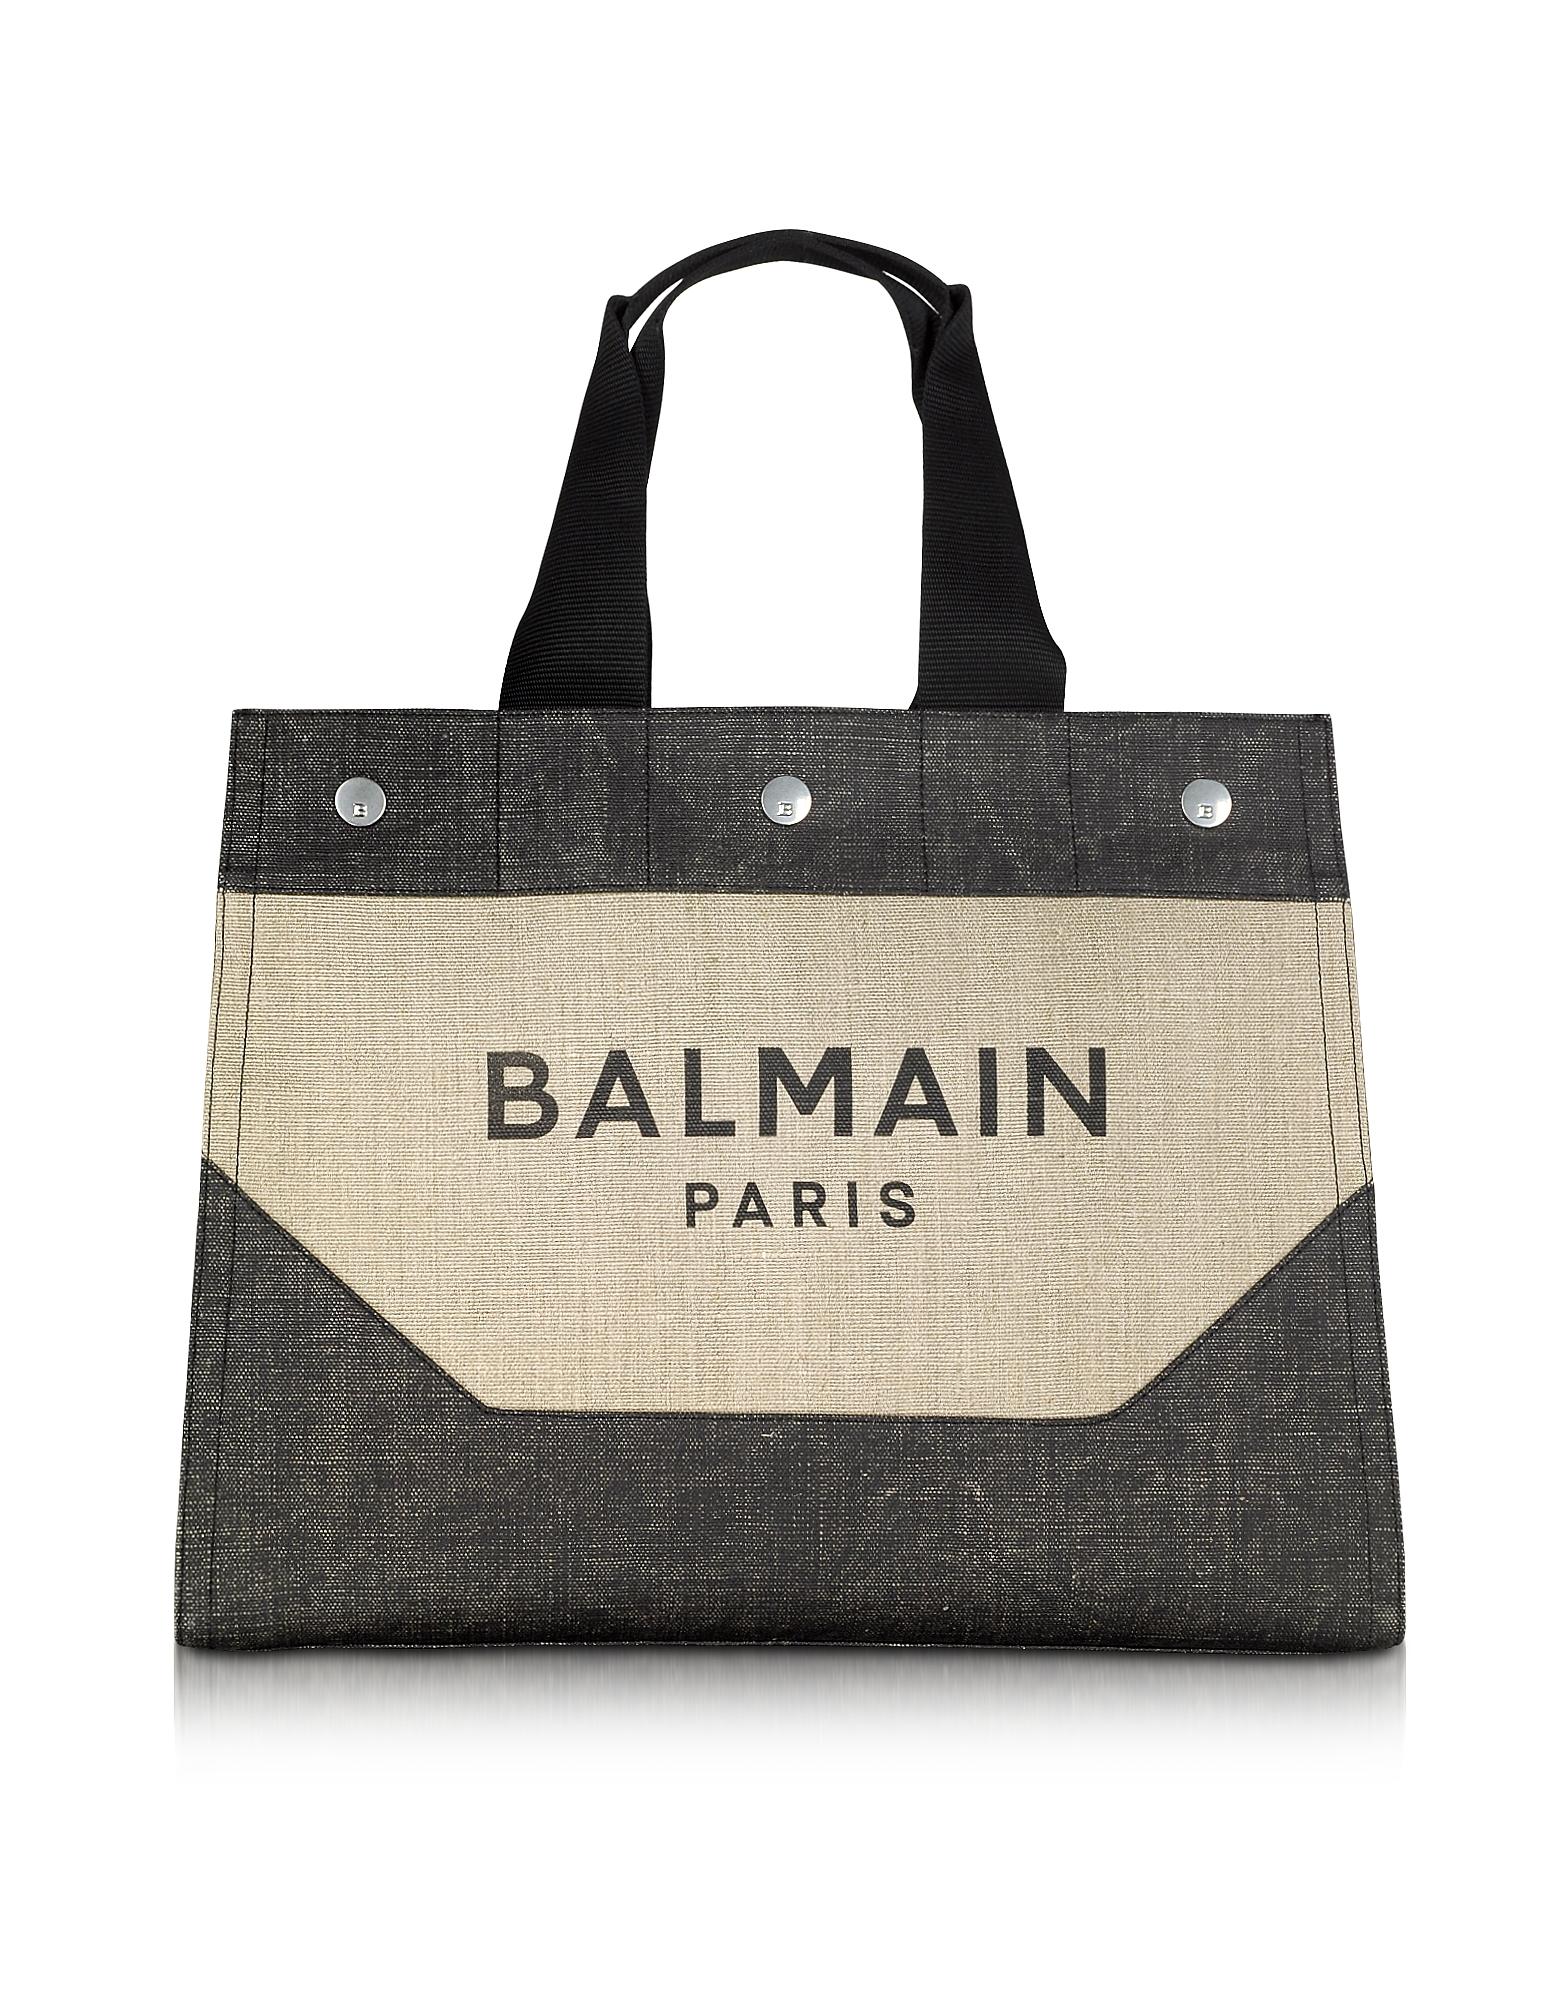 Balmain Designer Men's Bags, Beige and Black Signature Men's Tote Bag